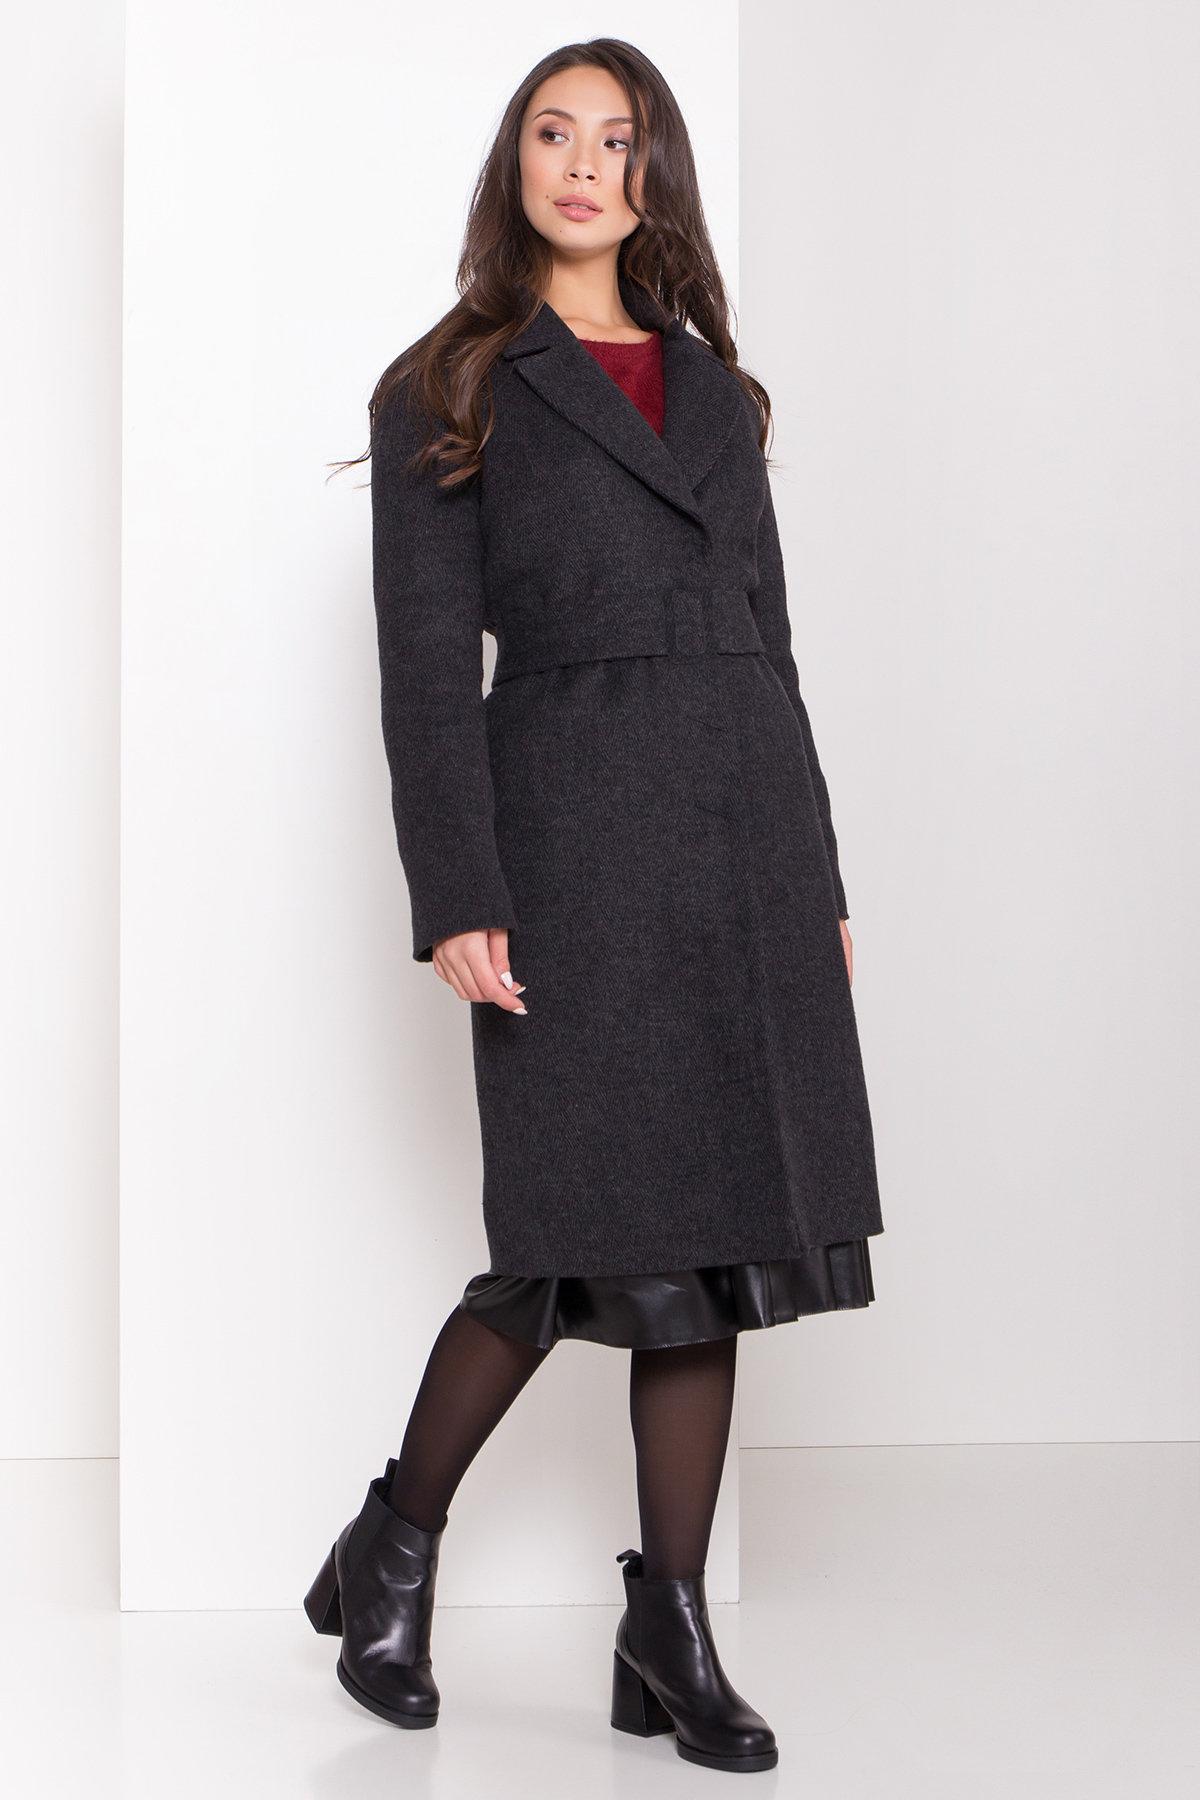 Зимнее пальто полуприталенного кроя Севен 8262 АРТ. 44329 Цвет: Чёрный/молоко - фото 4, интернет магазин tm-modus.ru